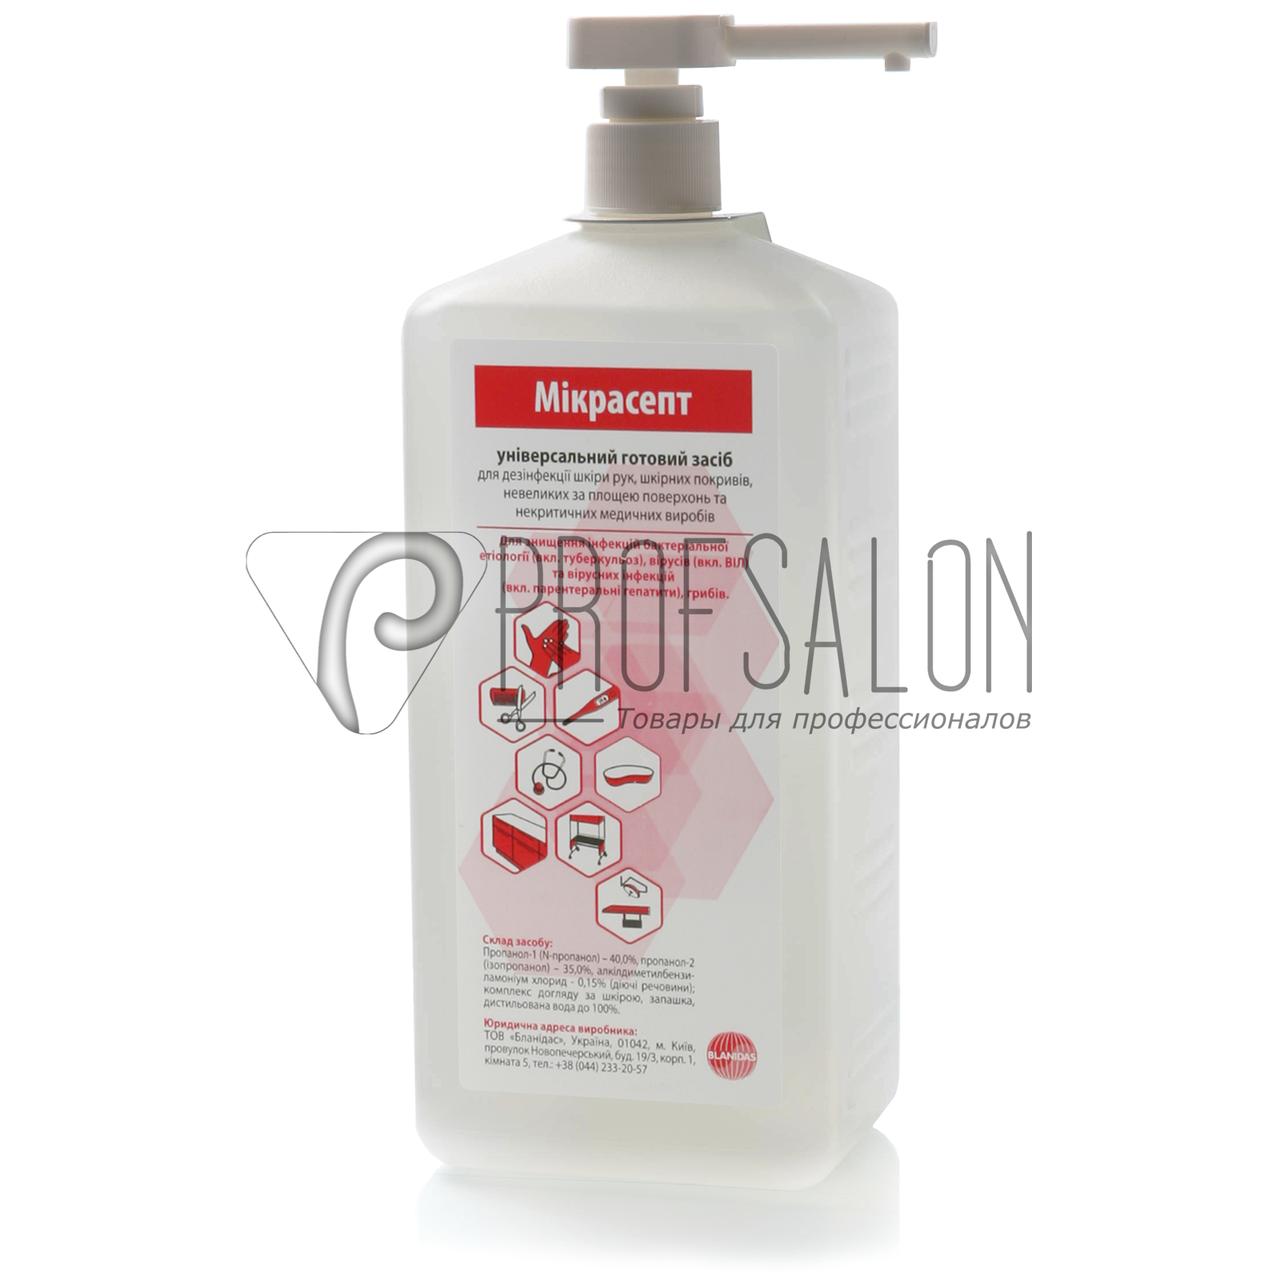 Микрасепт 1 л - дезинфицирующие средства, для быстрой обработки рук и кожи, очистки поверхностей